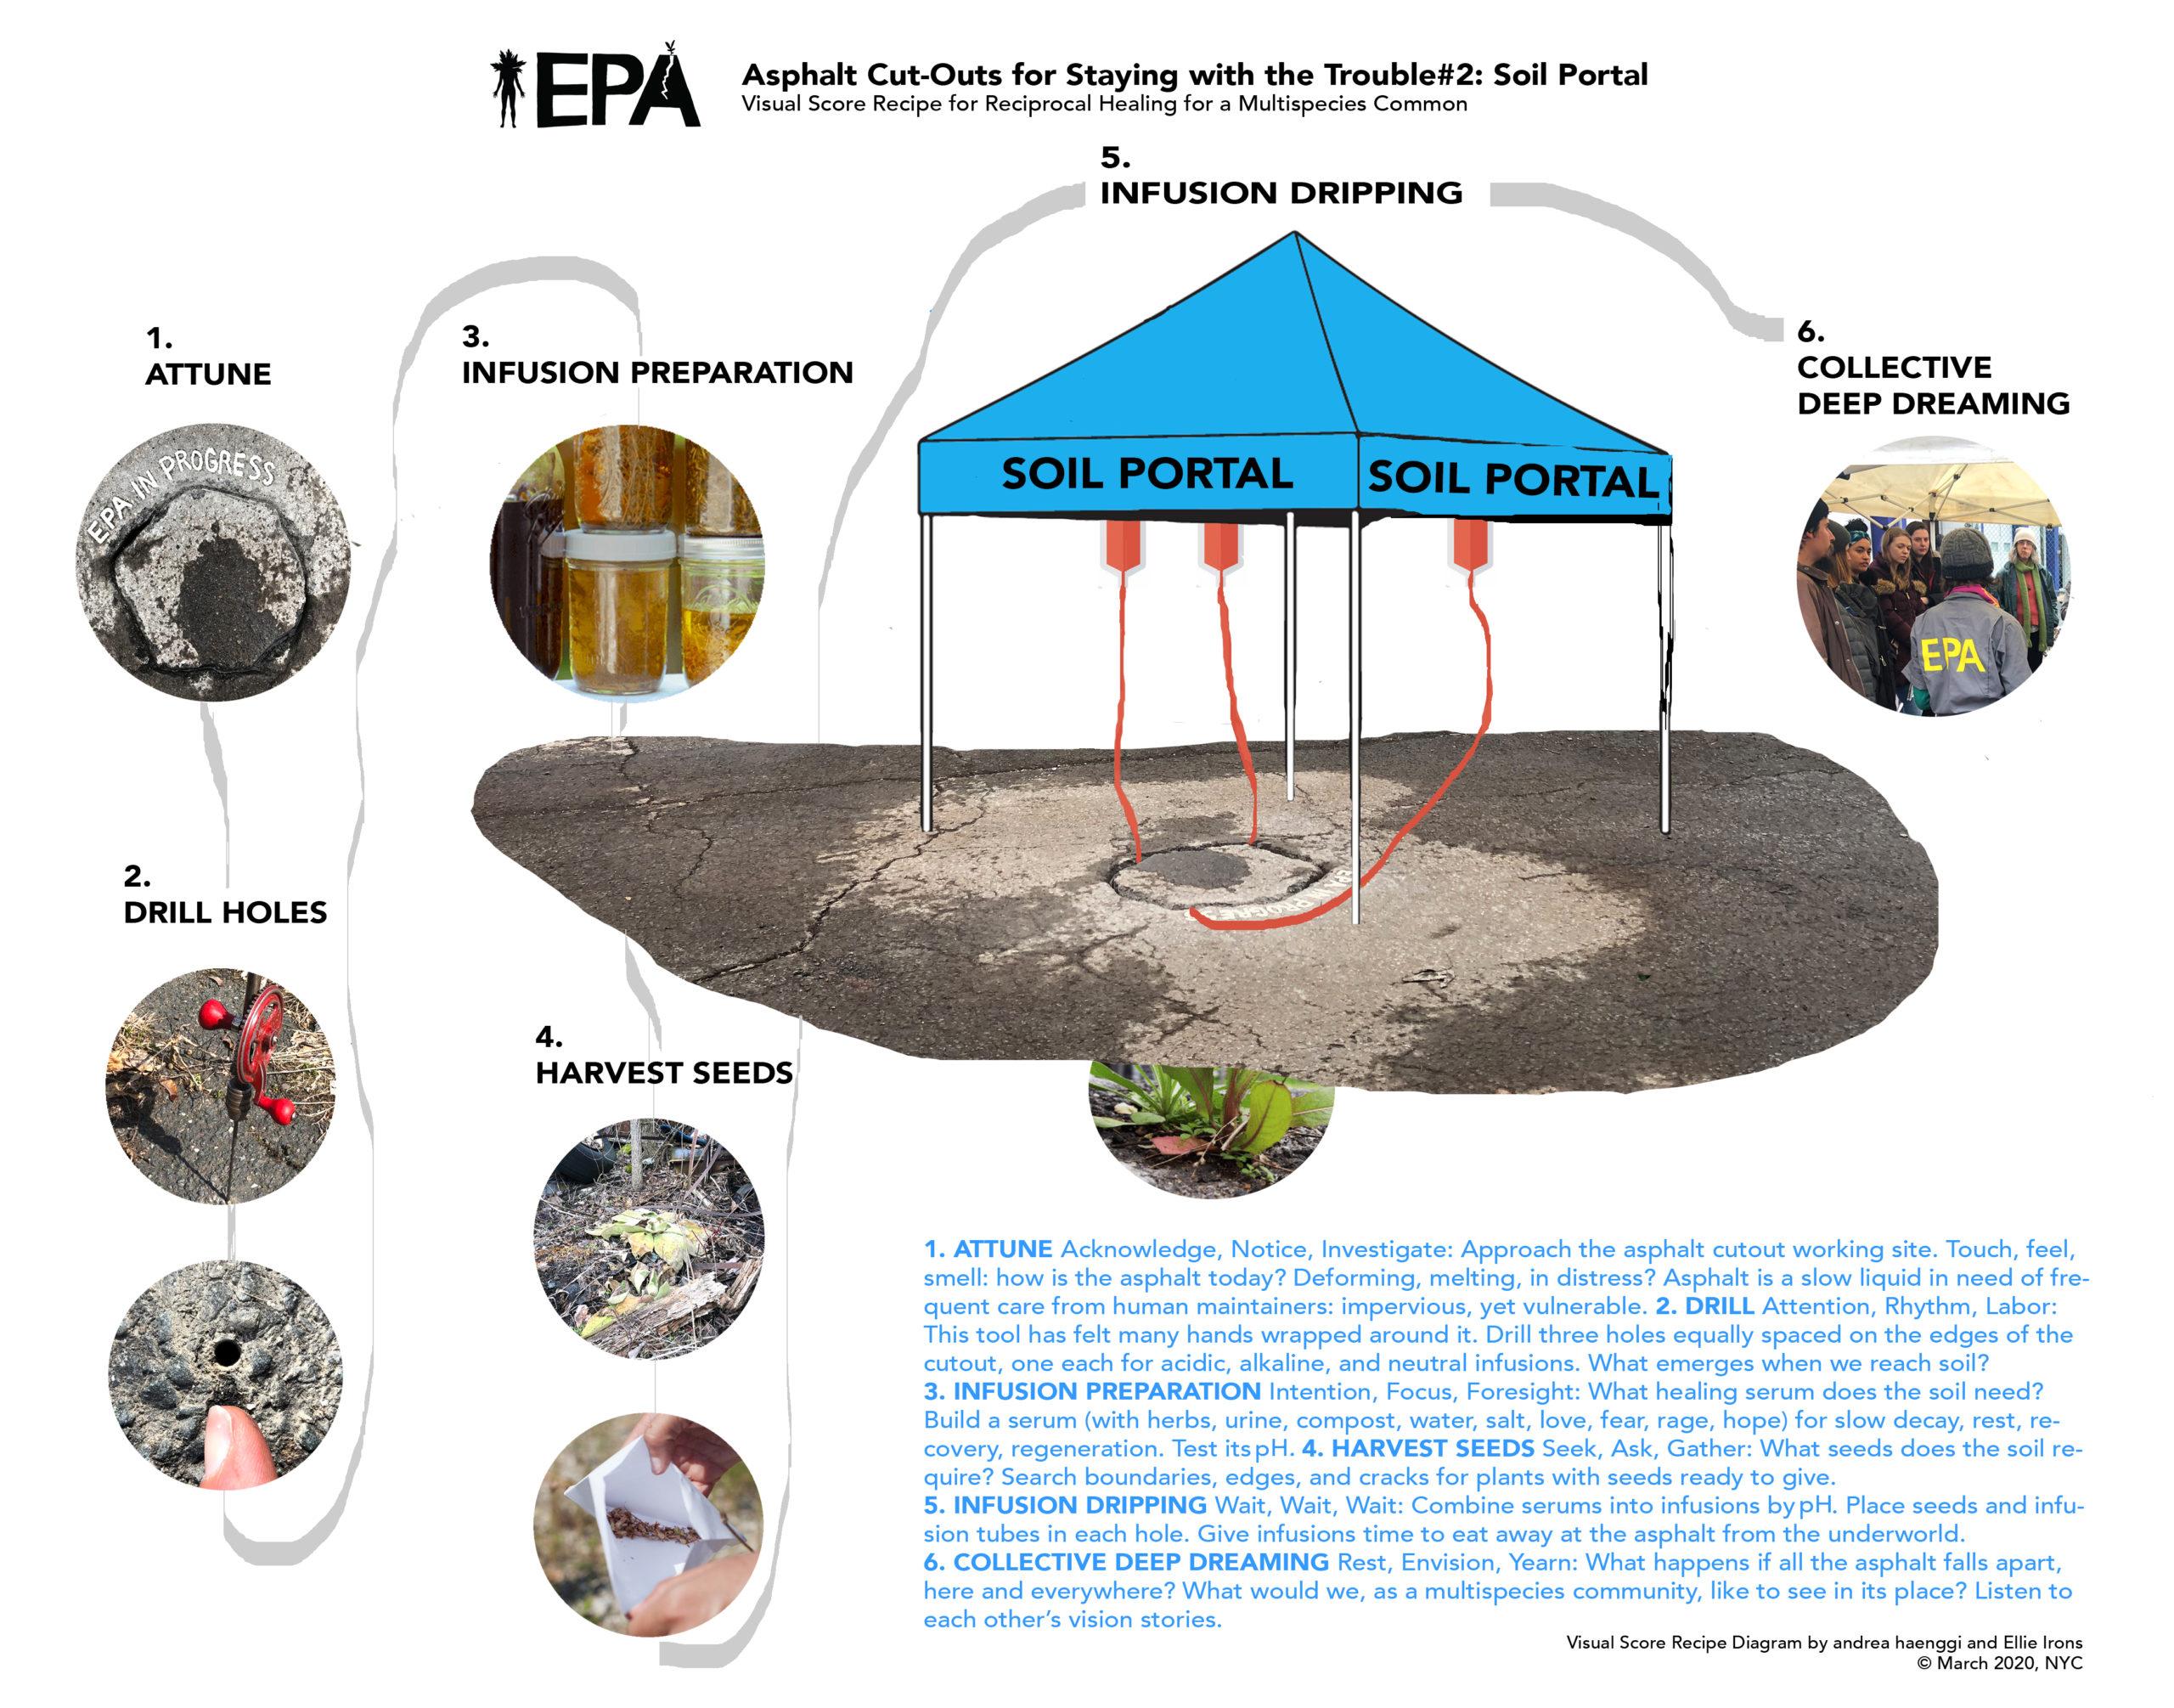 Asphalt-Cut-Out-Soil-Portal-Final-March-2020